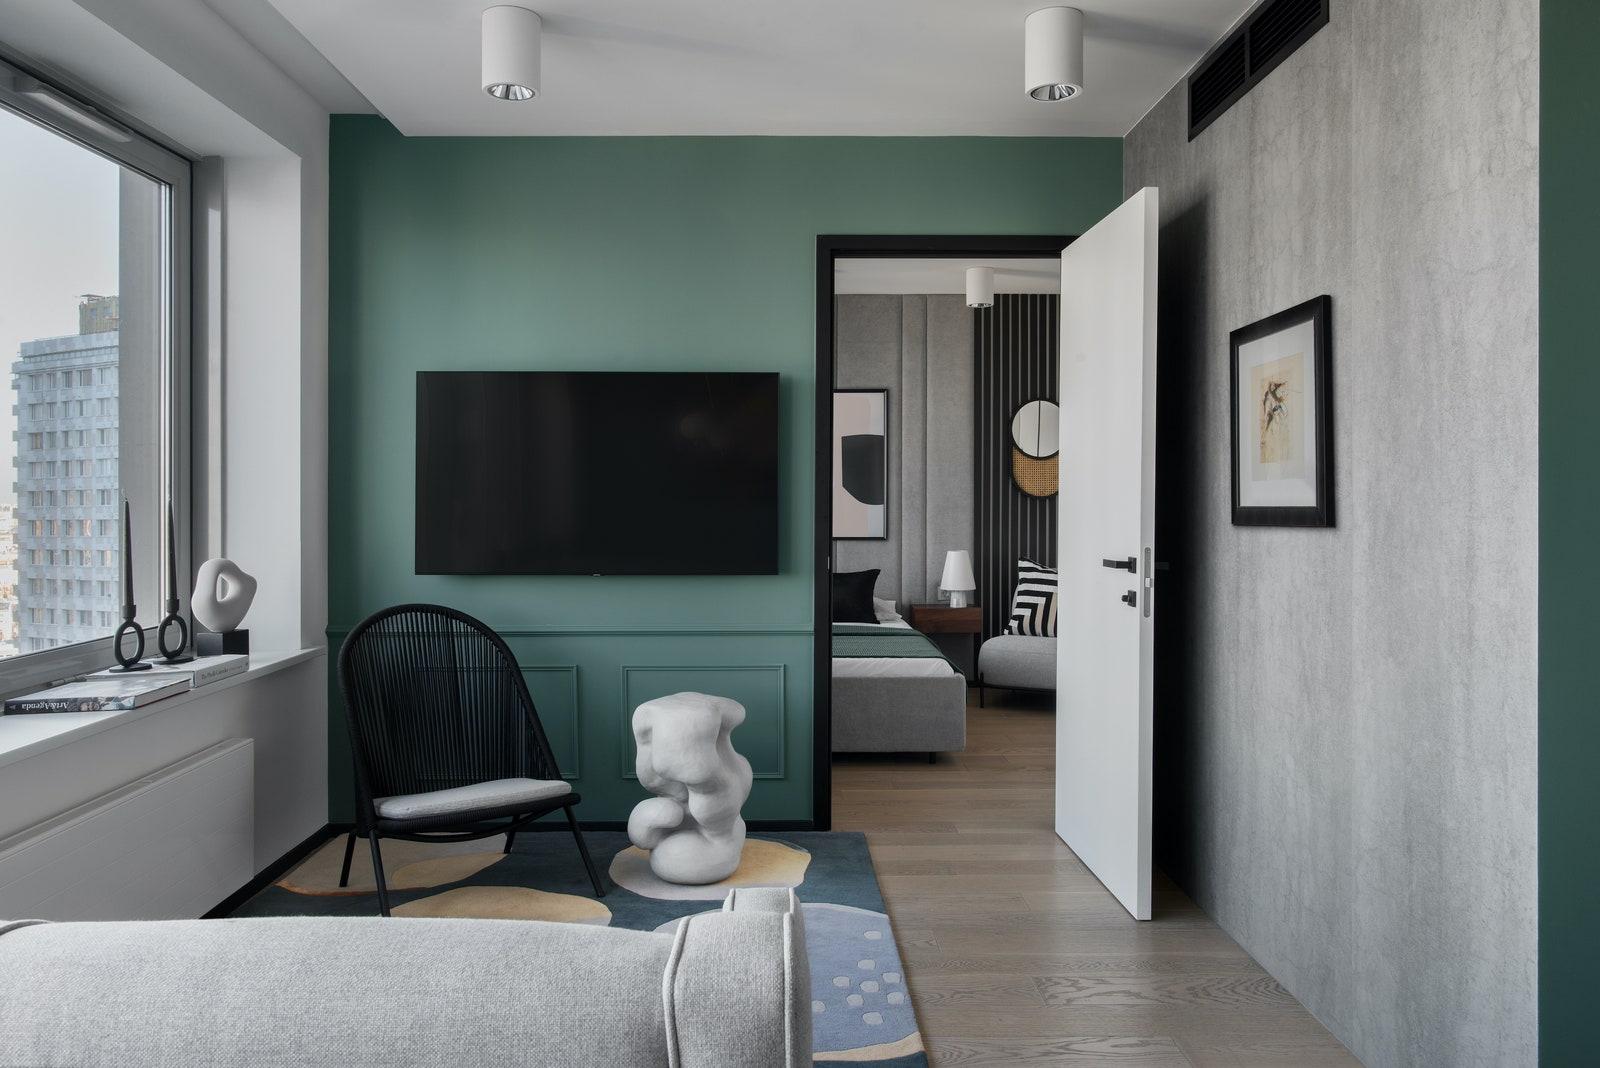 .    Savour  SK Design  Barcelona Design  Le Kovr.        La Redoute  Pawai Cosmo  HampM Home.            .            ...